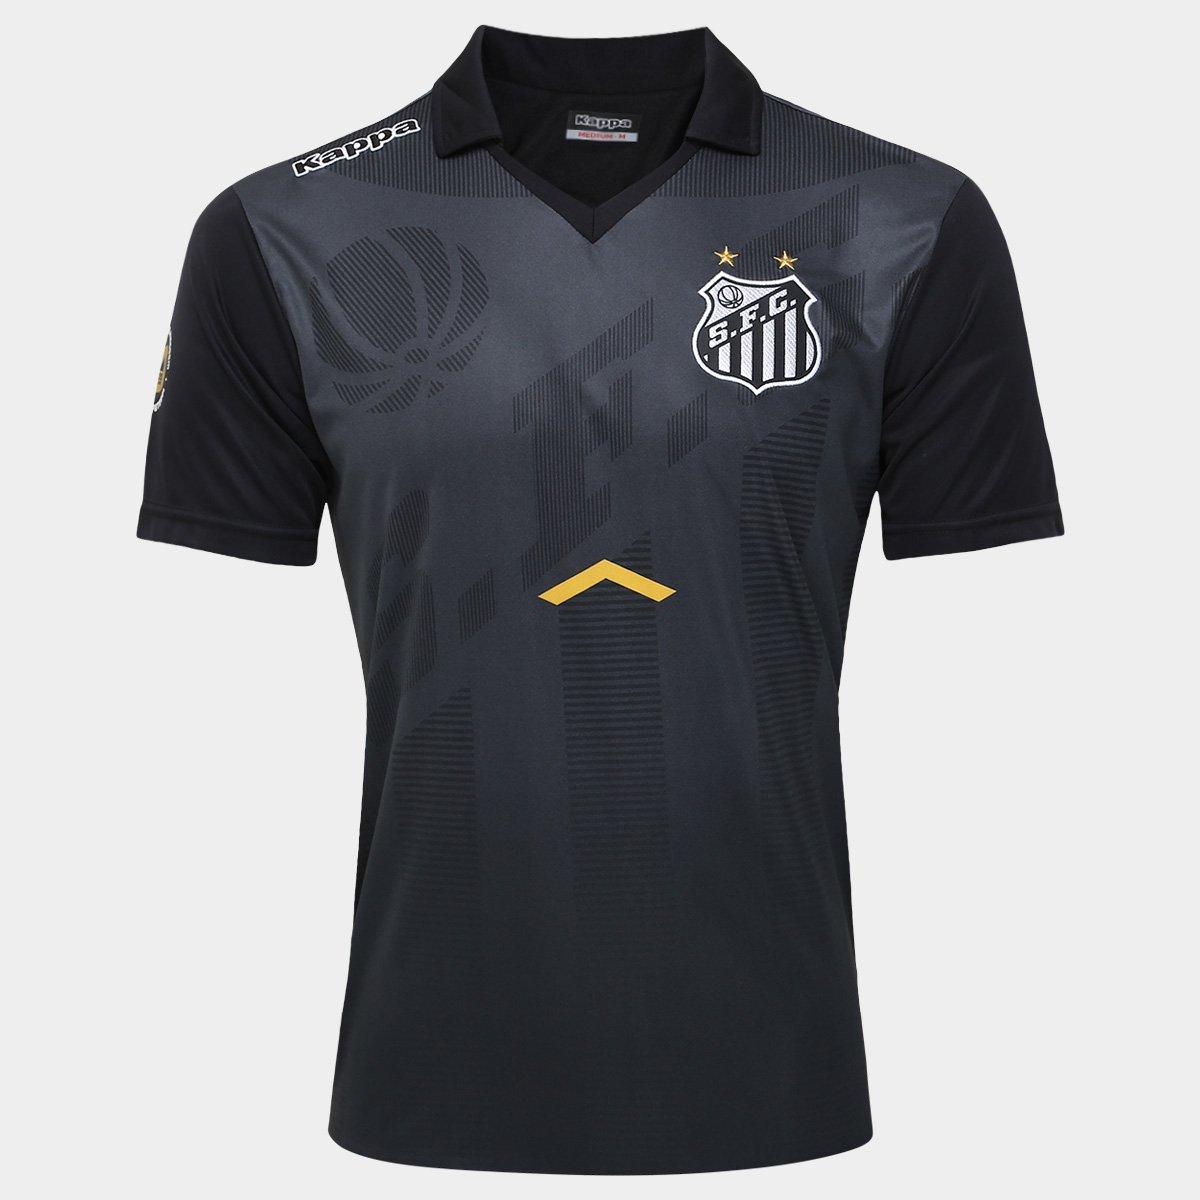 Camisa Polo Santos Comissão Técnica 17 18 Kappa Masculina - Preto e ... 11af68583b1cb